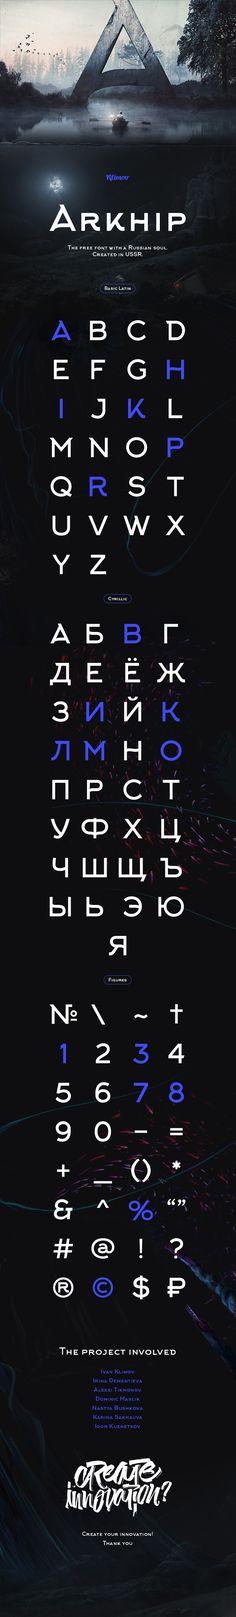 Typo Gratuite Arkhip La police de caractère « Arkhip » vous est offerte et a été conçu par Klimov Design.  http://www.studiokarma.fr/typo-gratuite-arkhip/